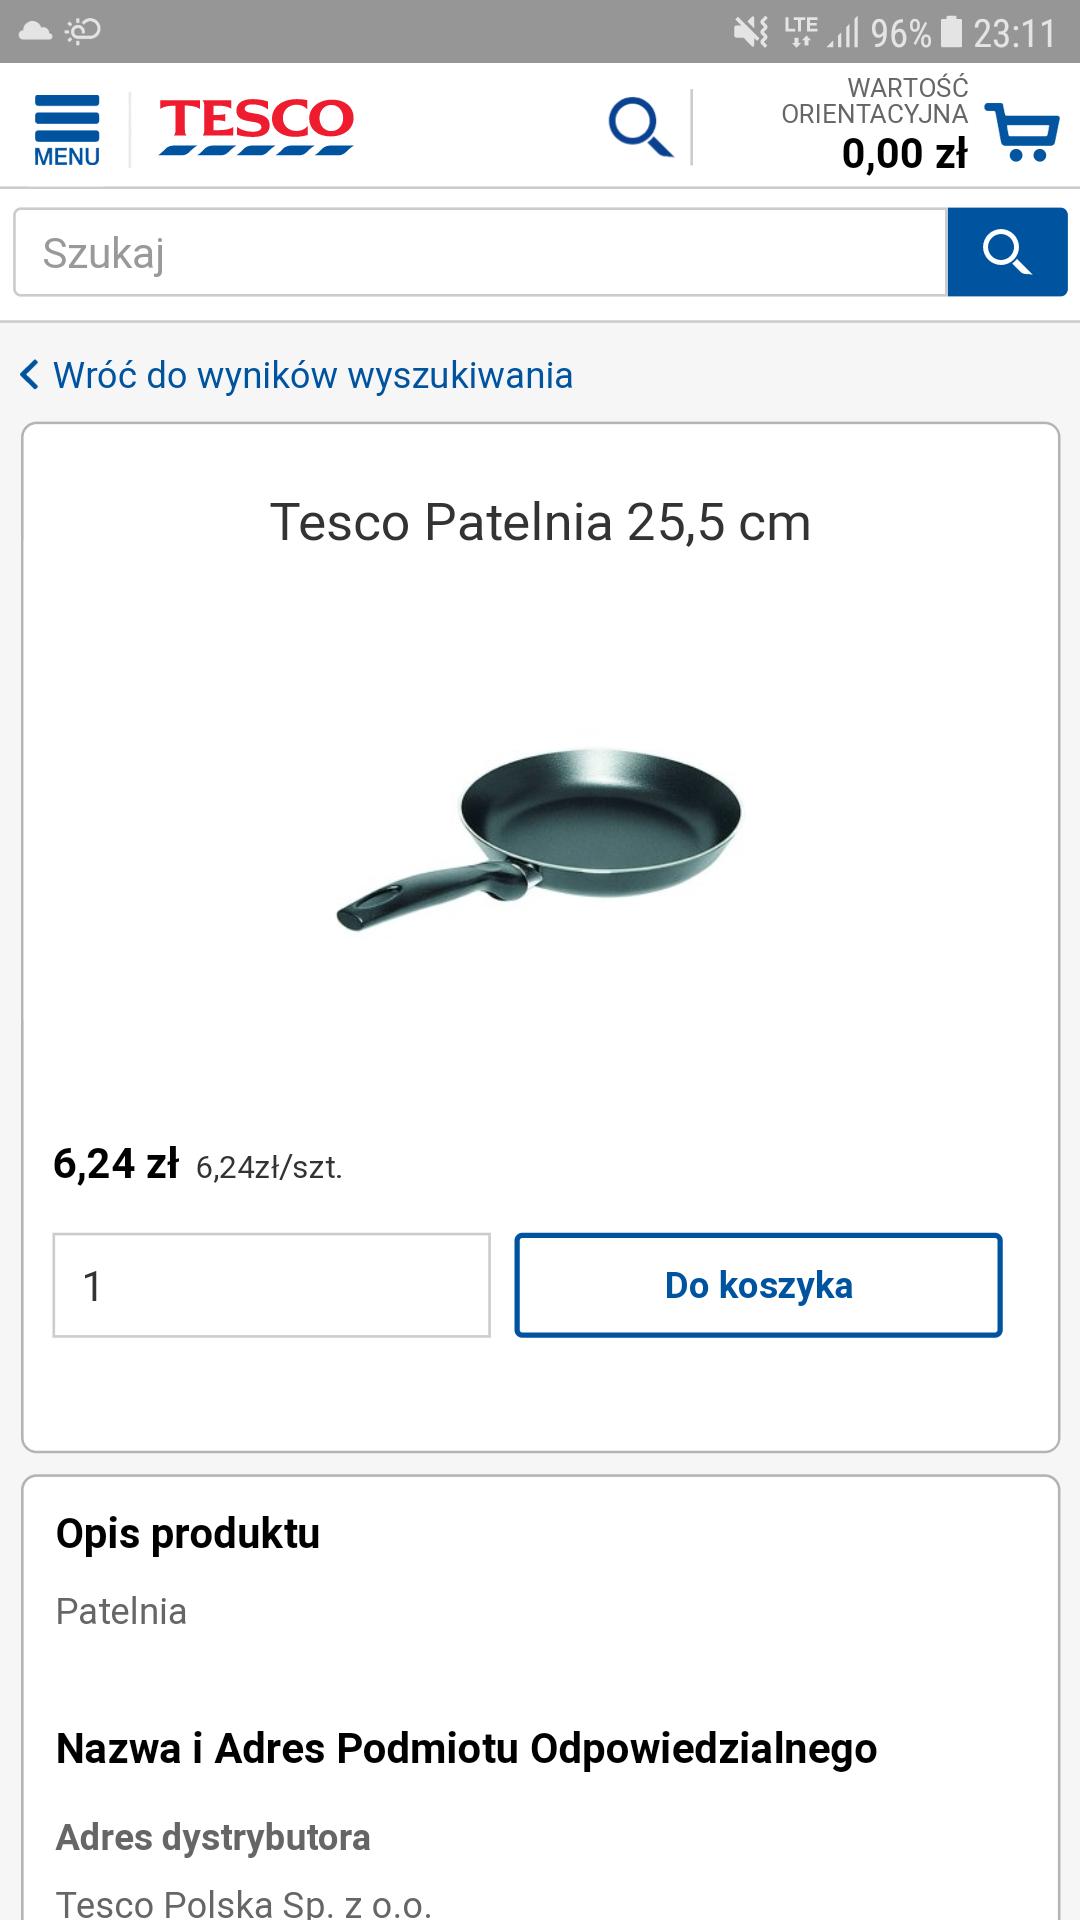 Błąd cenowy eTesco.